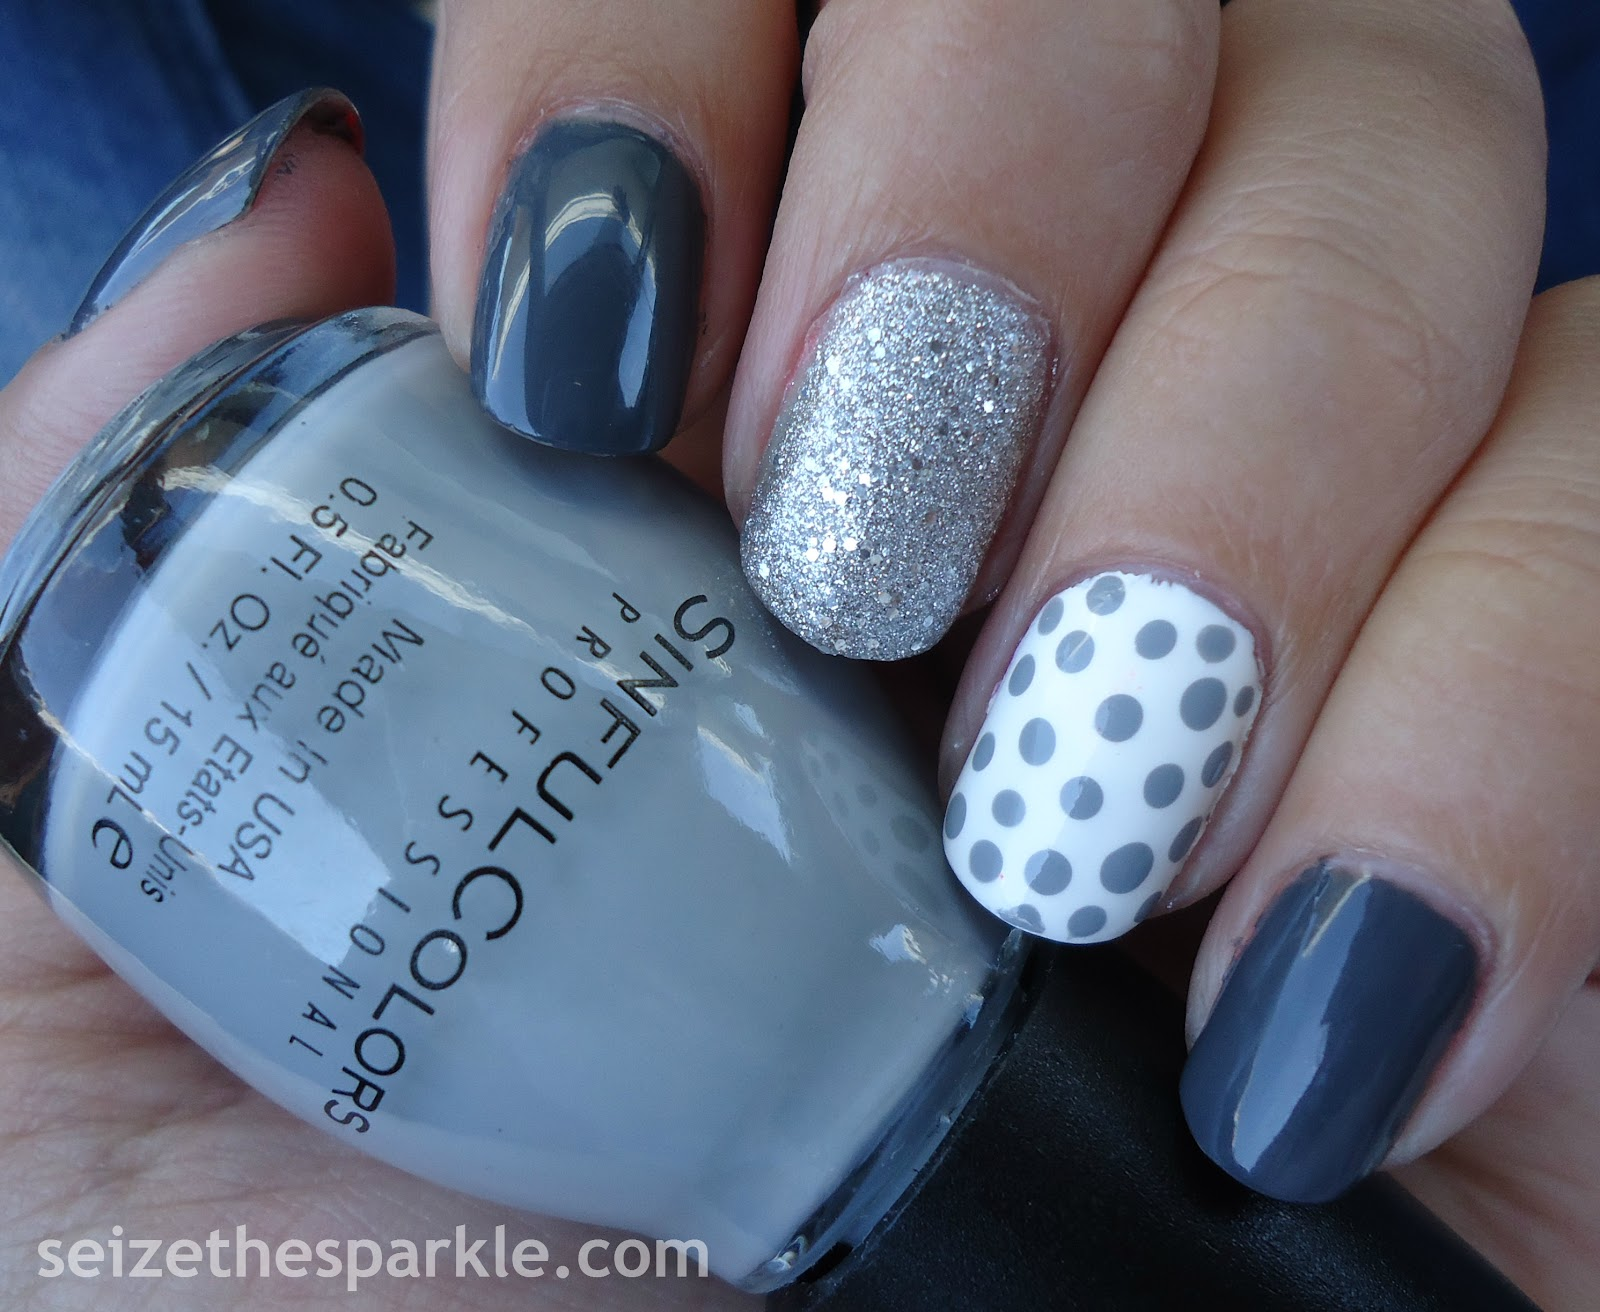 Glitter Polka Dot Nails